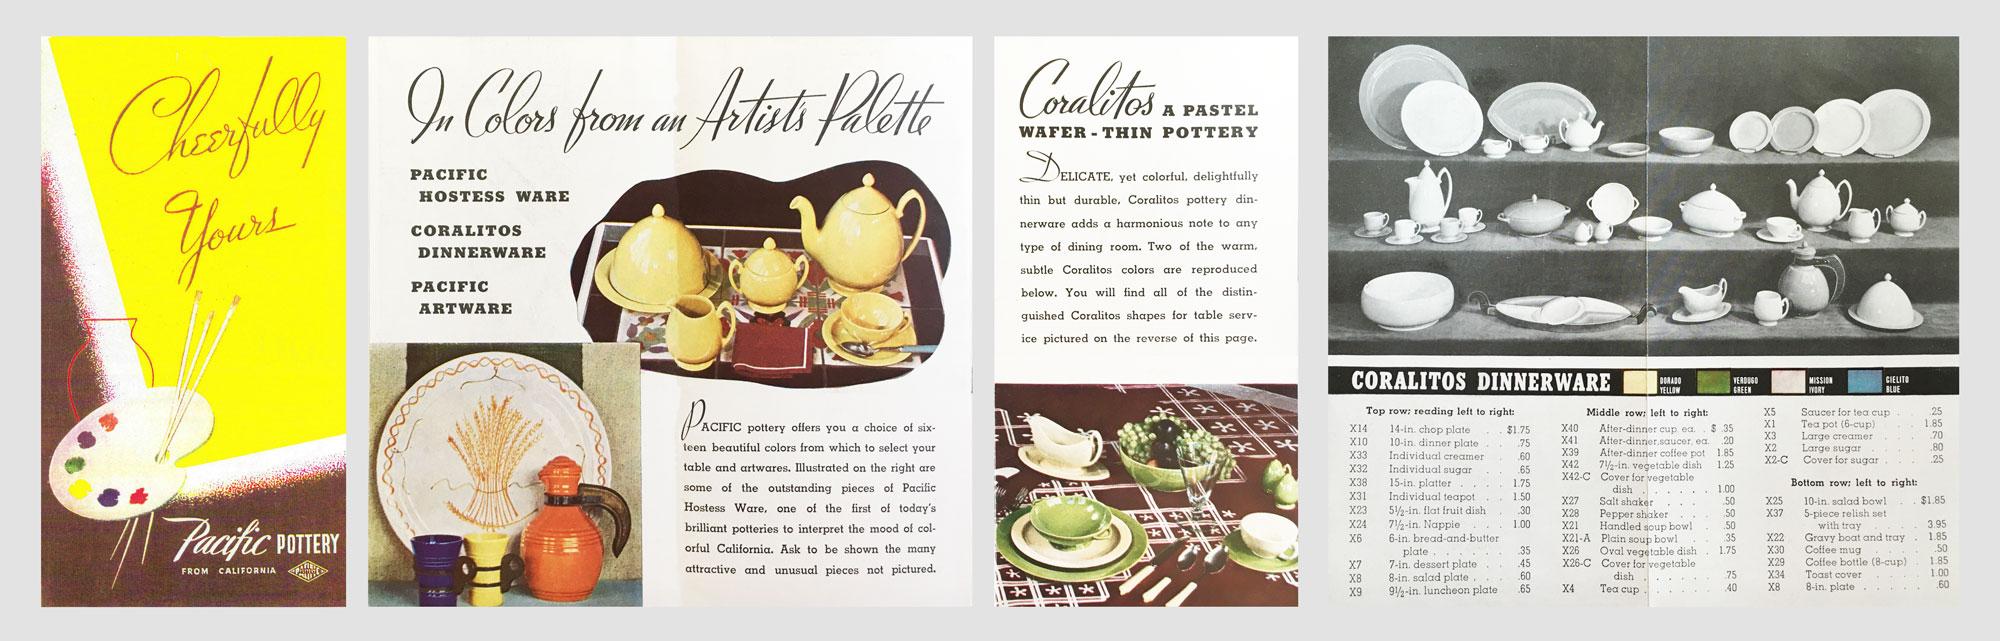 Pacific Coralitos Brochure